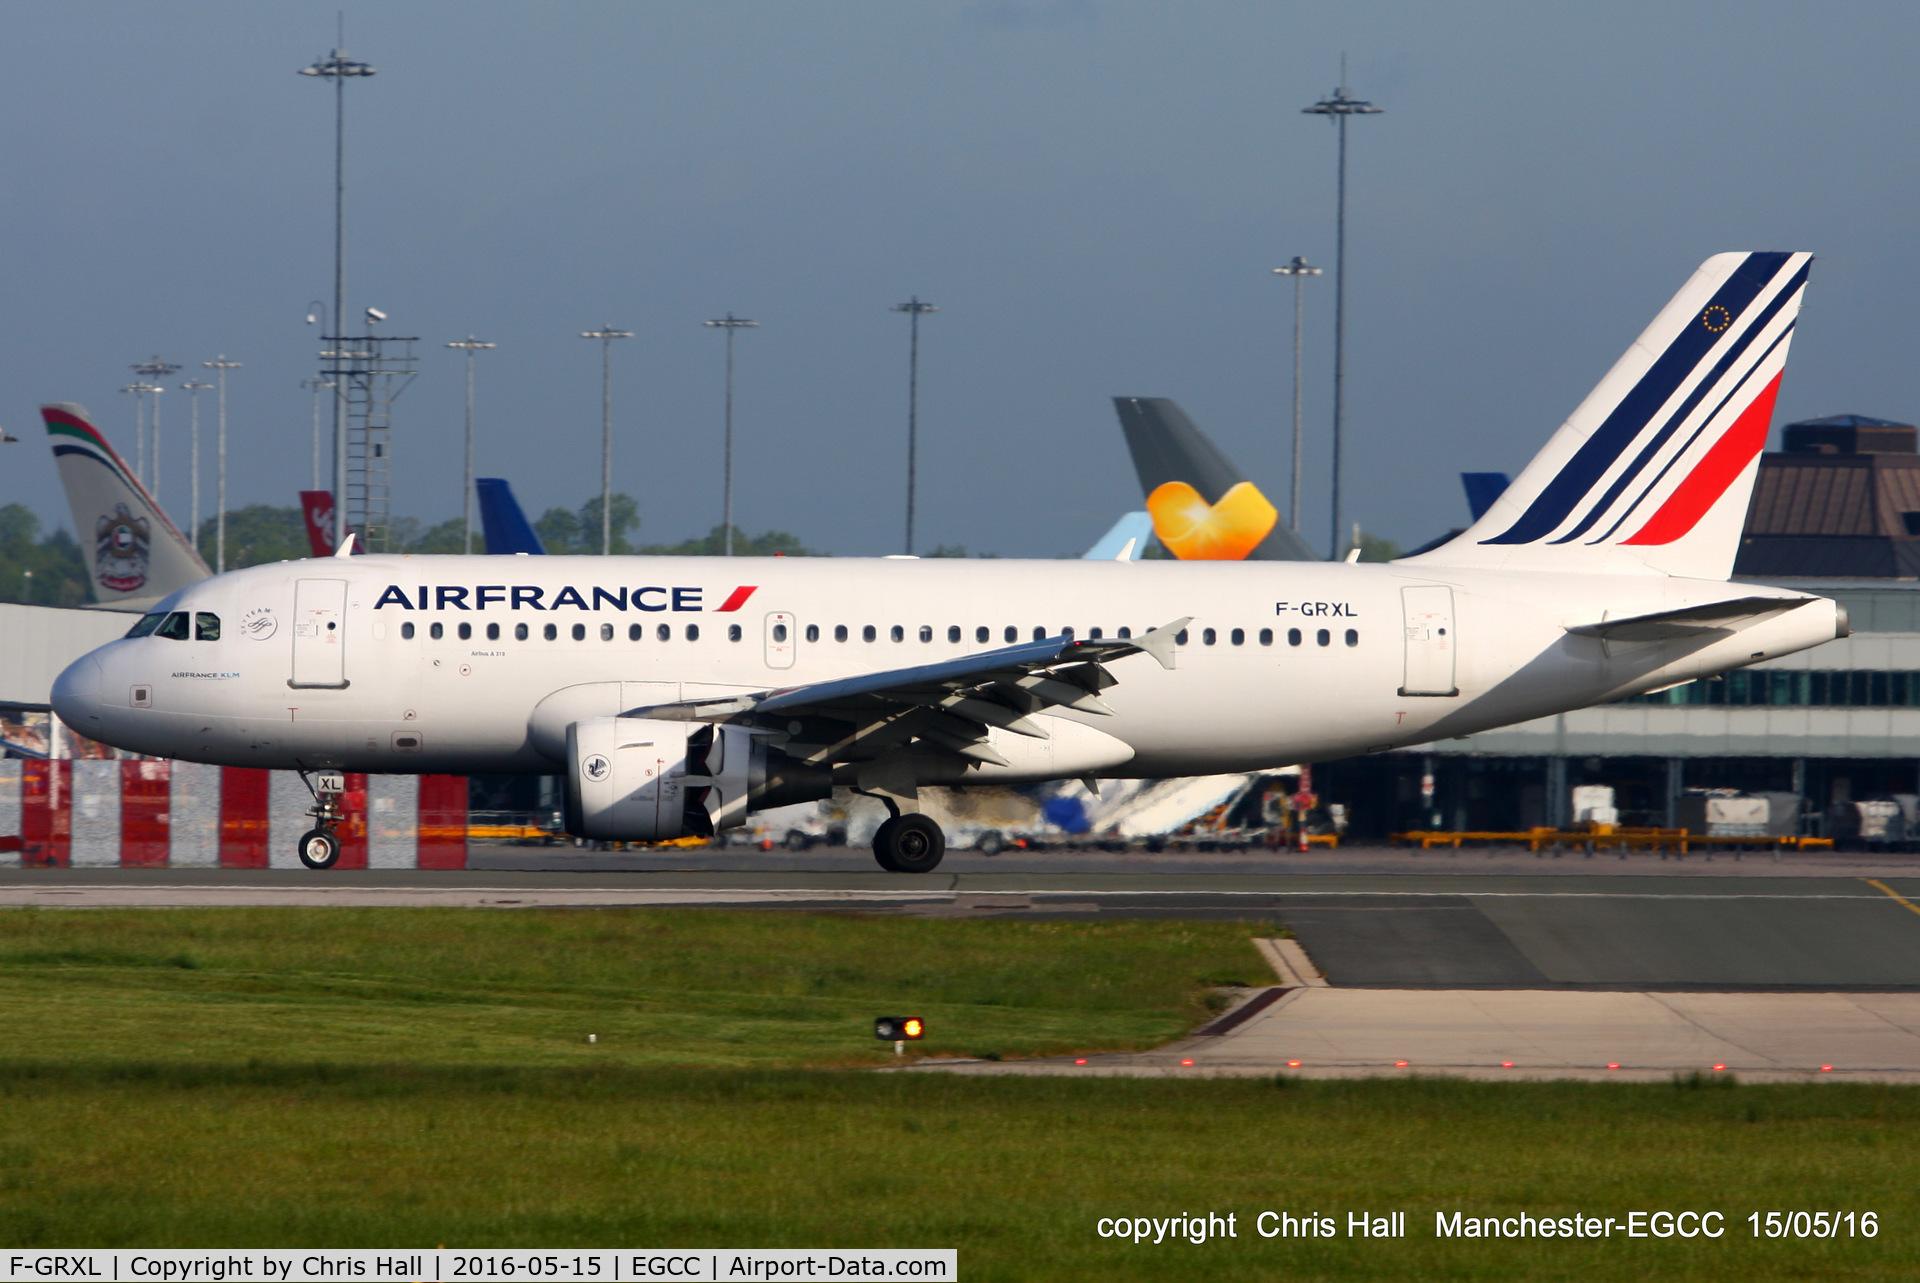 F-GRXL, 2006 Airbus A319-111 C/N 2938, Air France